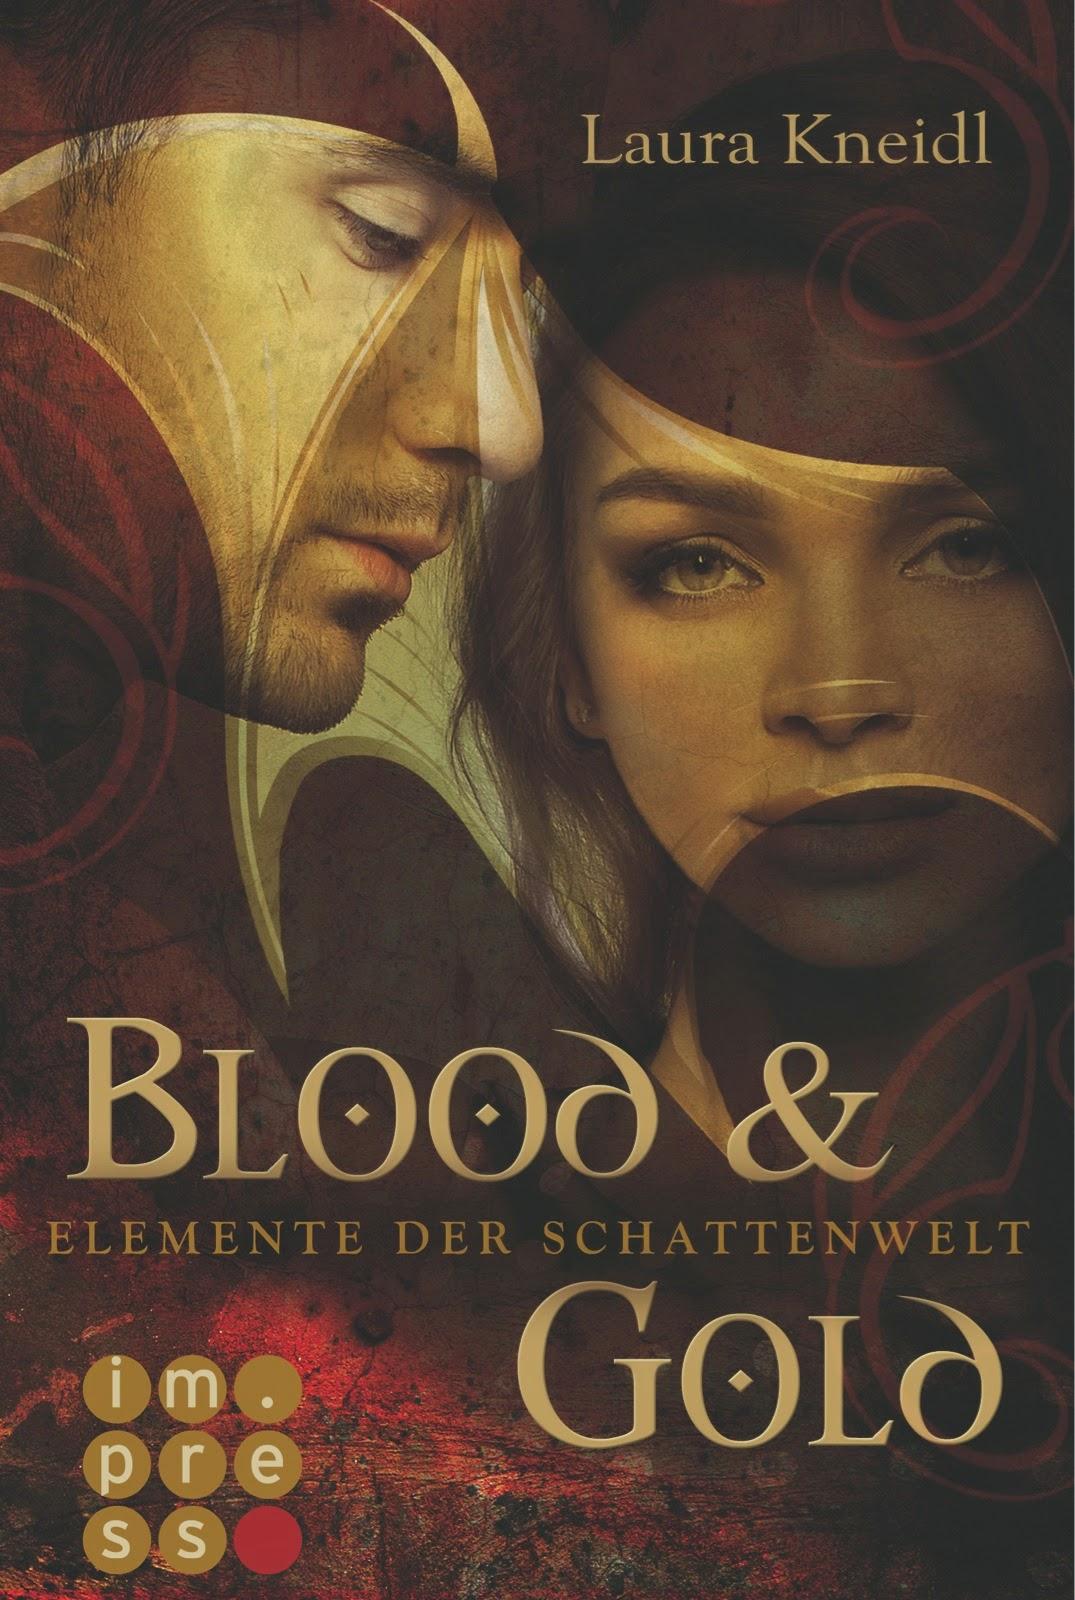 Elemente der Schattenwelt: Blood & Gold